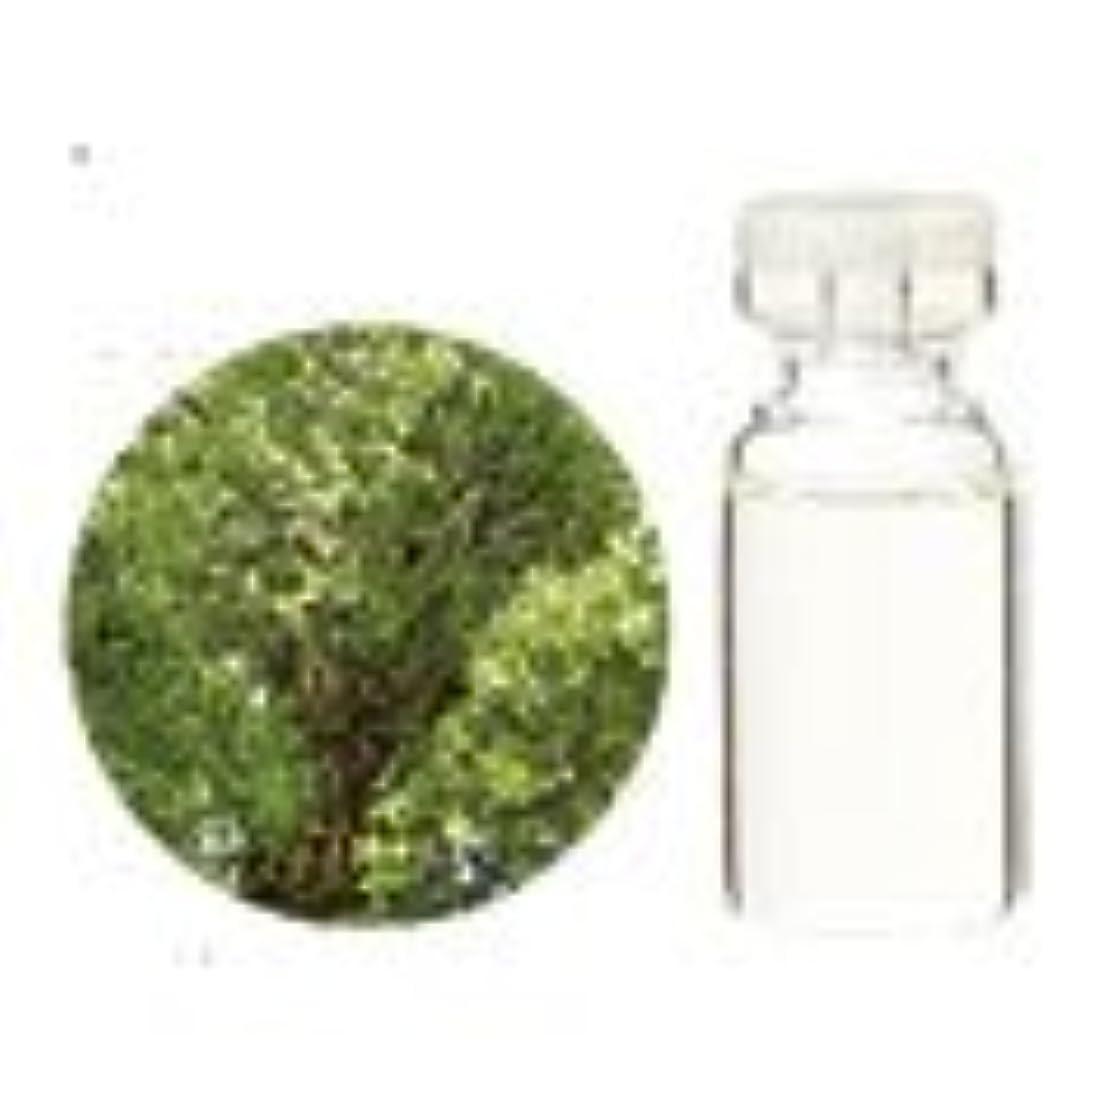 悔い改める離れた広まった生活の木 アロマオイル クスノキ (1000ml)